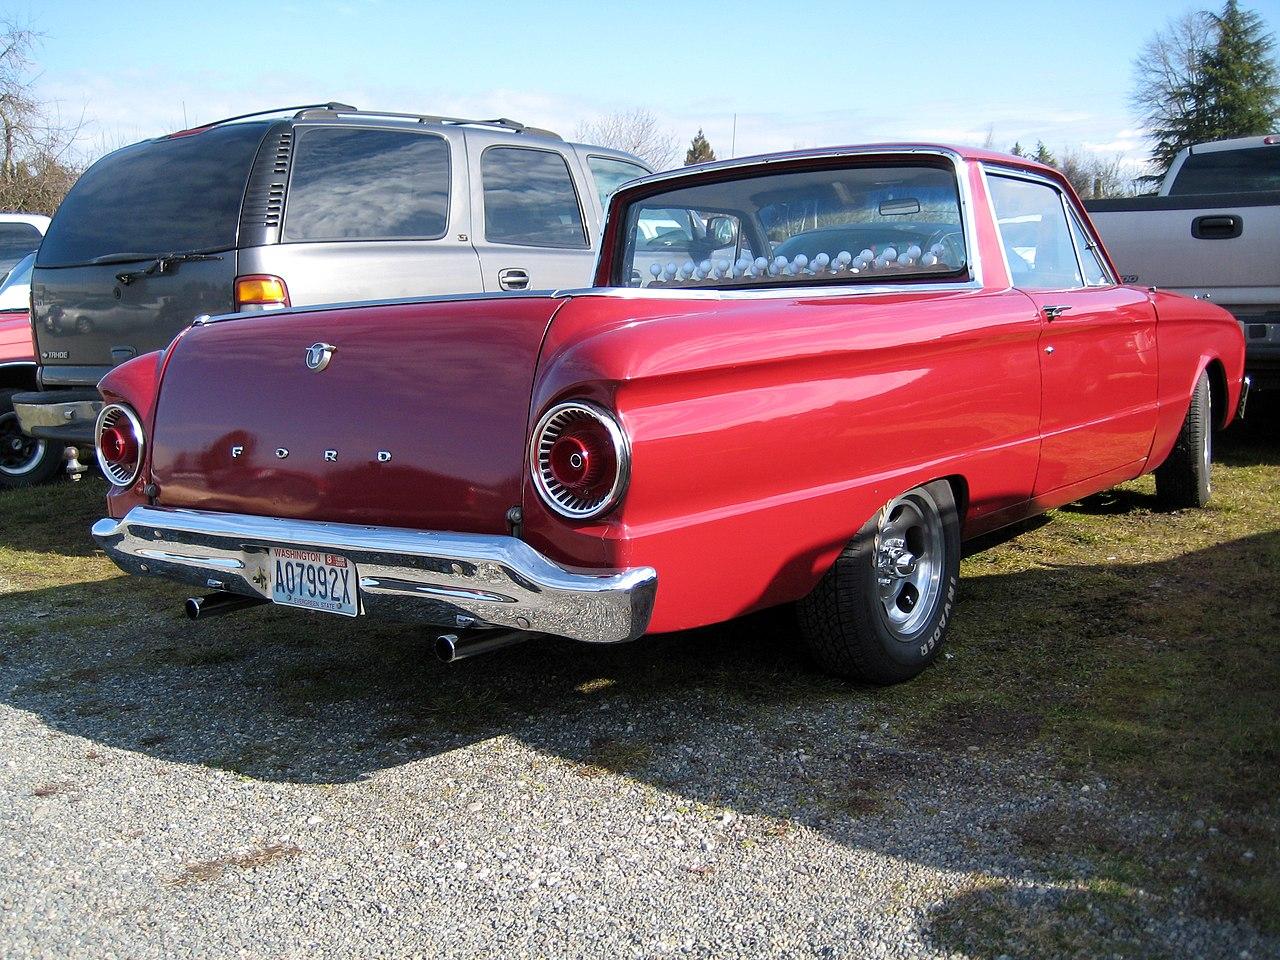 File:1962 Ford Falcon Ranchero.jpg